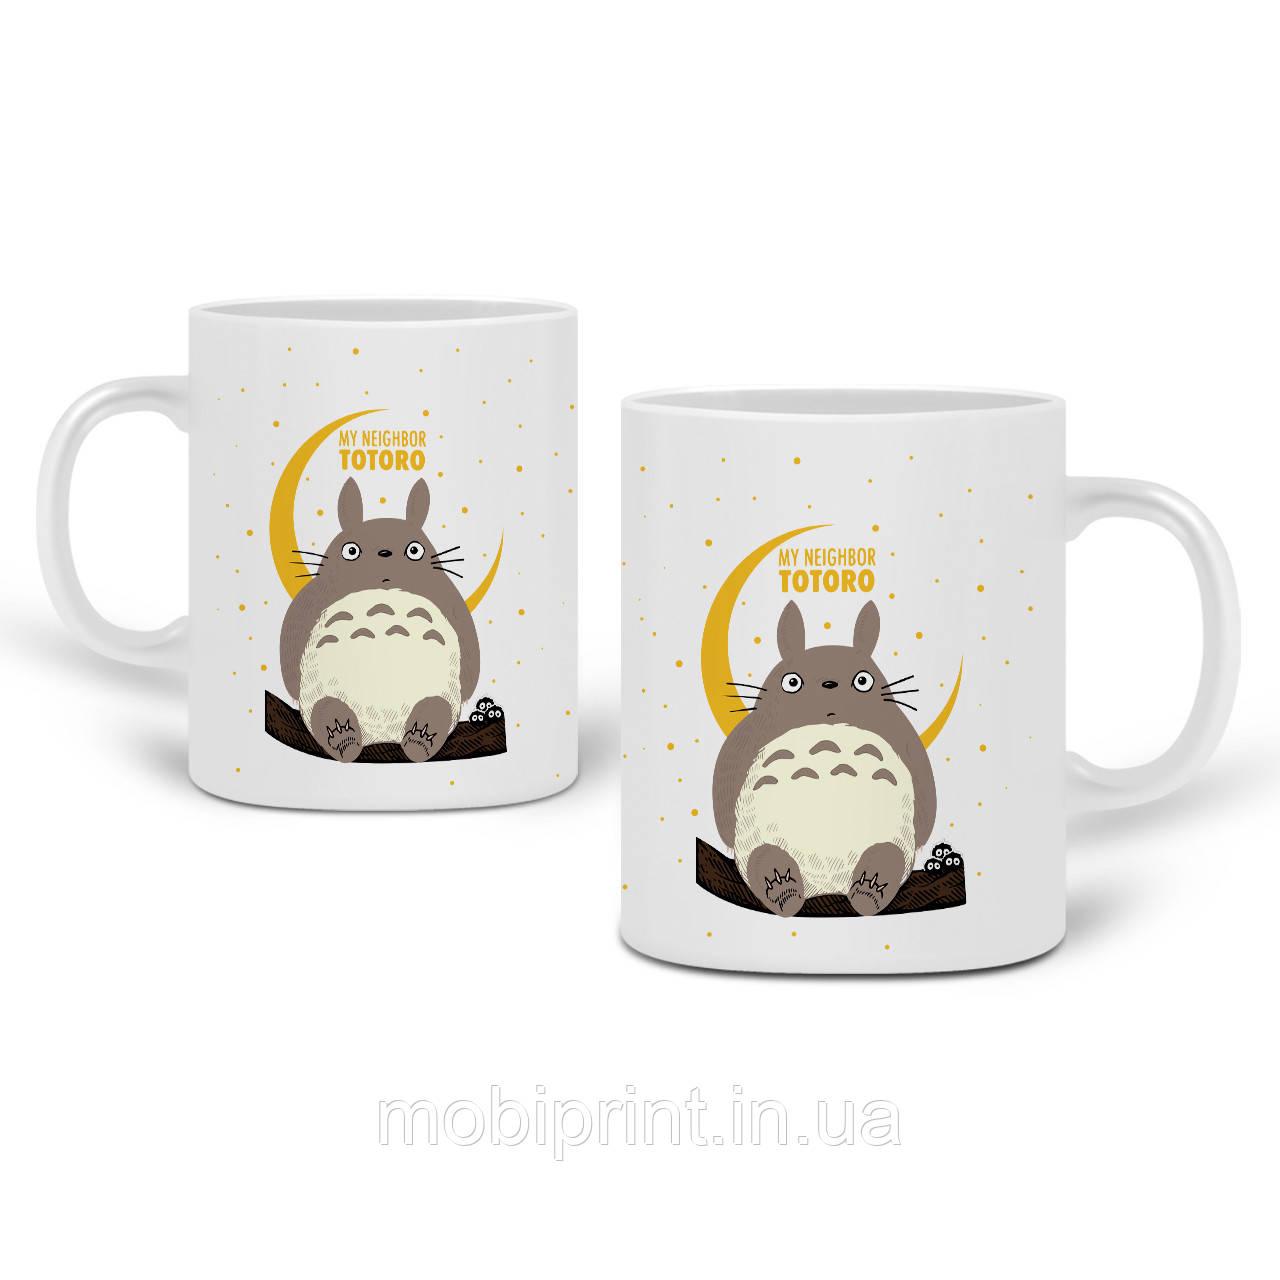 Кружка Мой сосед Тоторо (My Neighbor Totoro) 330 мл Чашка Керамическая (20259-2657)